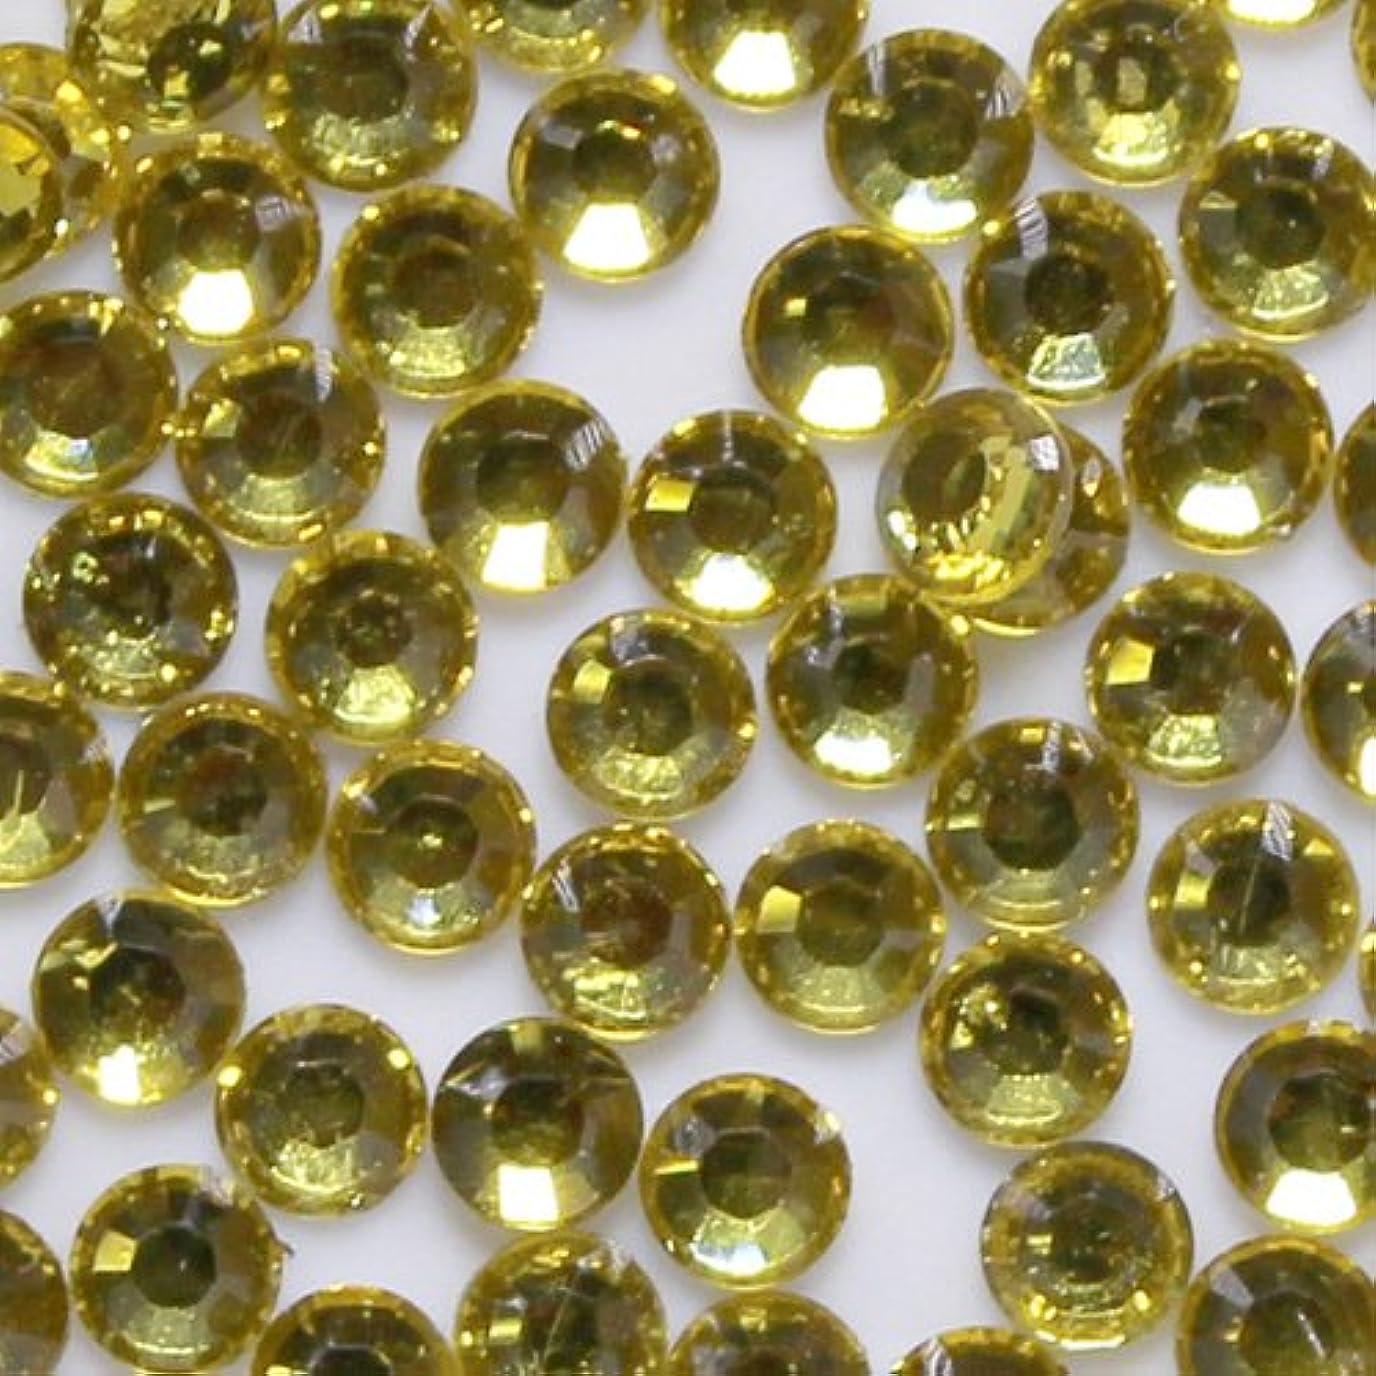 リム再編成するブリード高品質 アクリルストーン ラインストーン ラウンドフラット 約1000粒入り 2mm シトリン